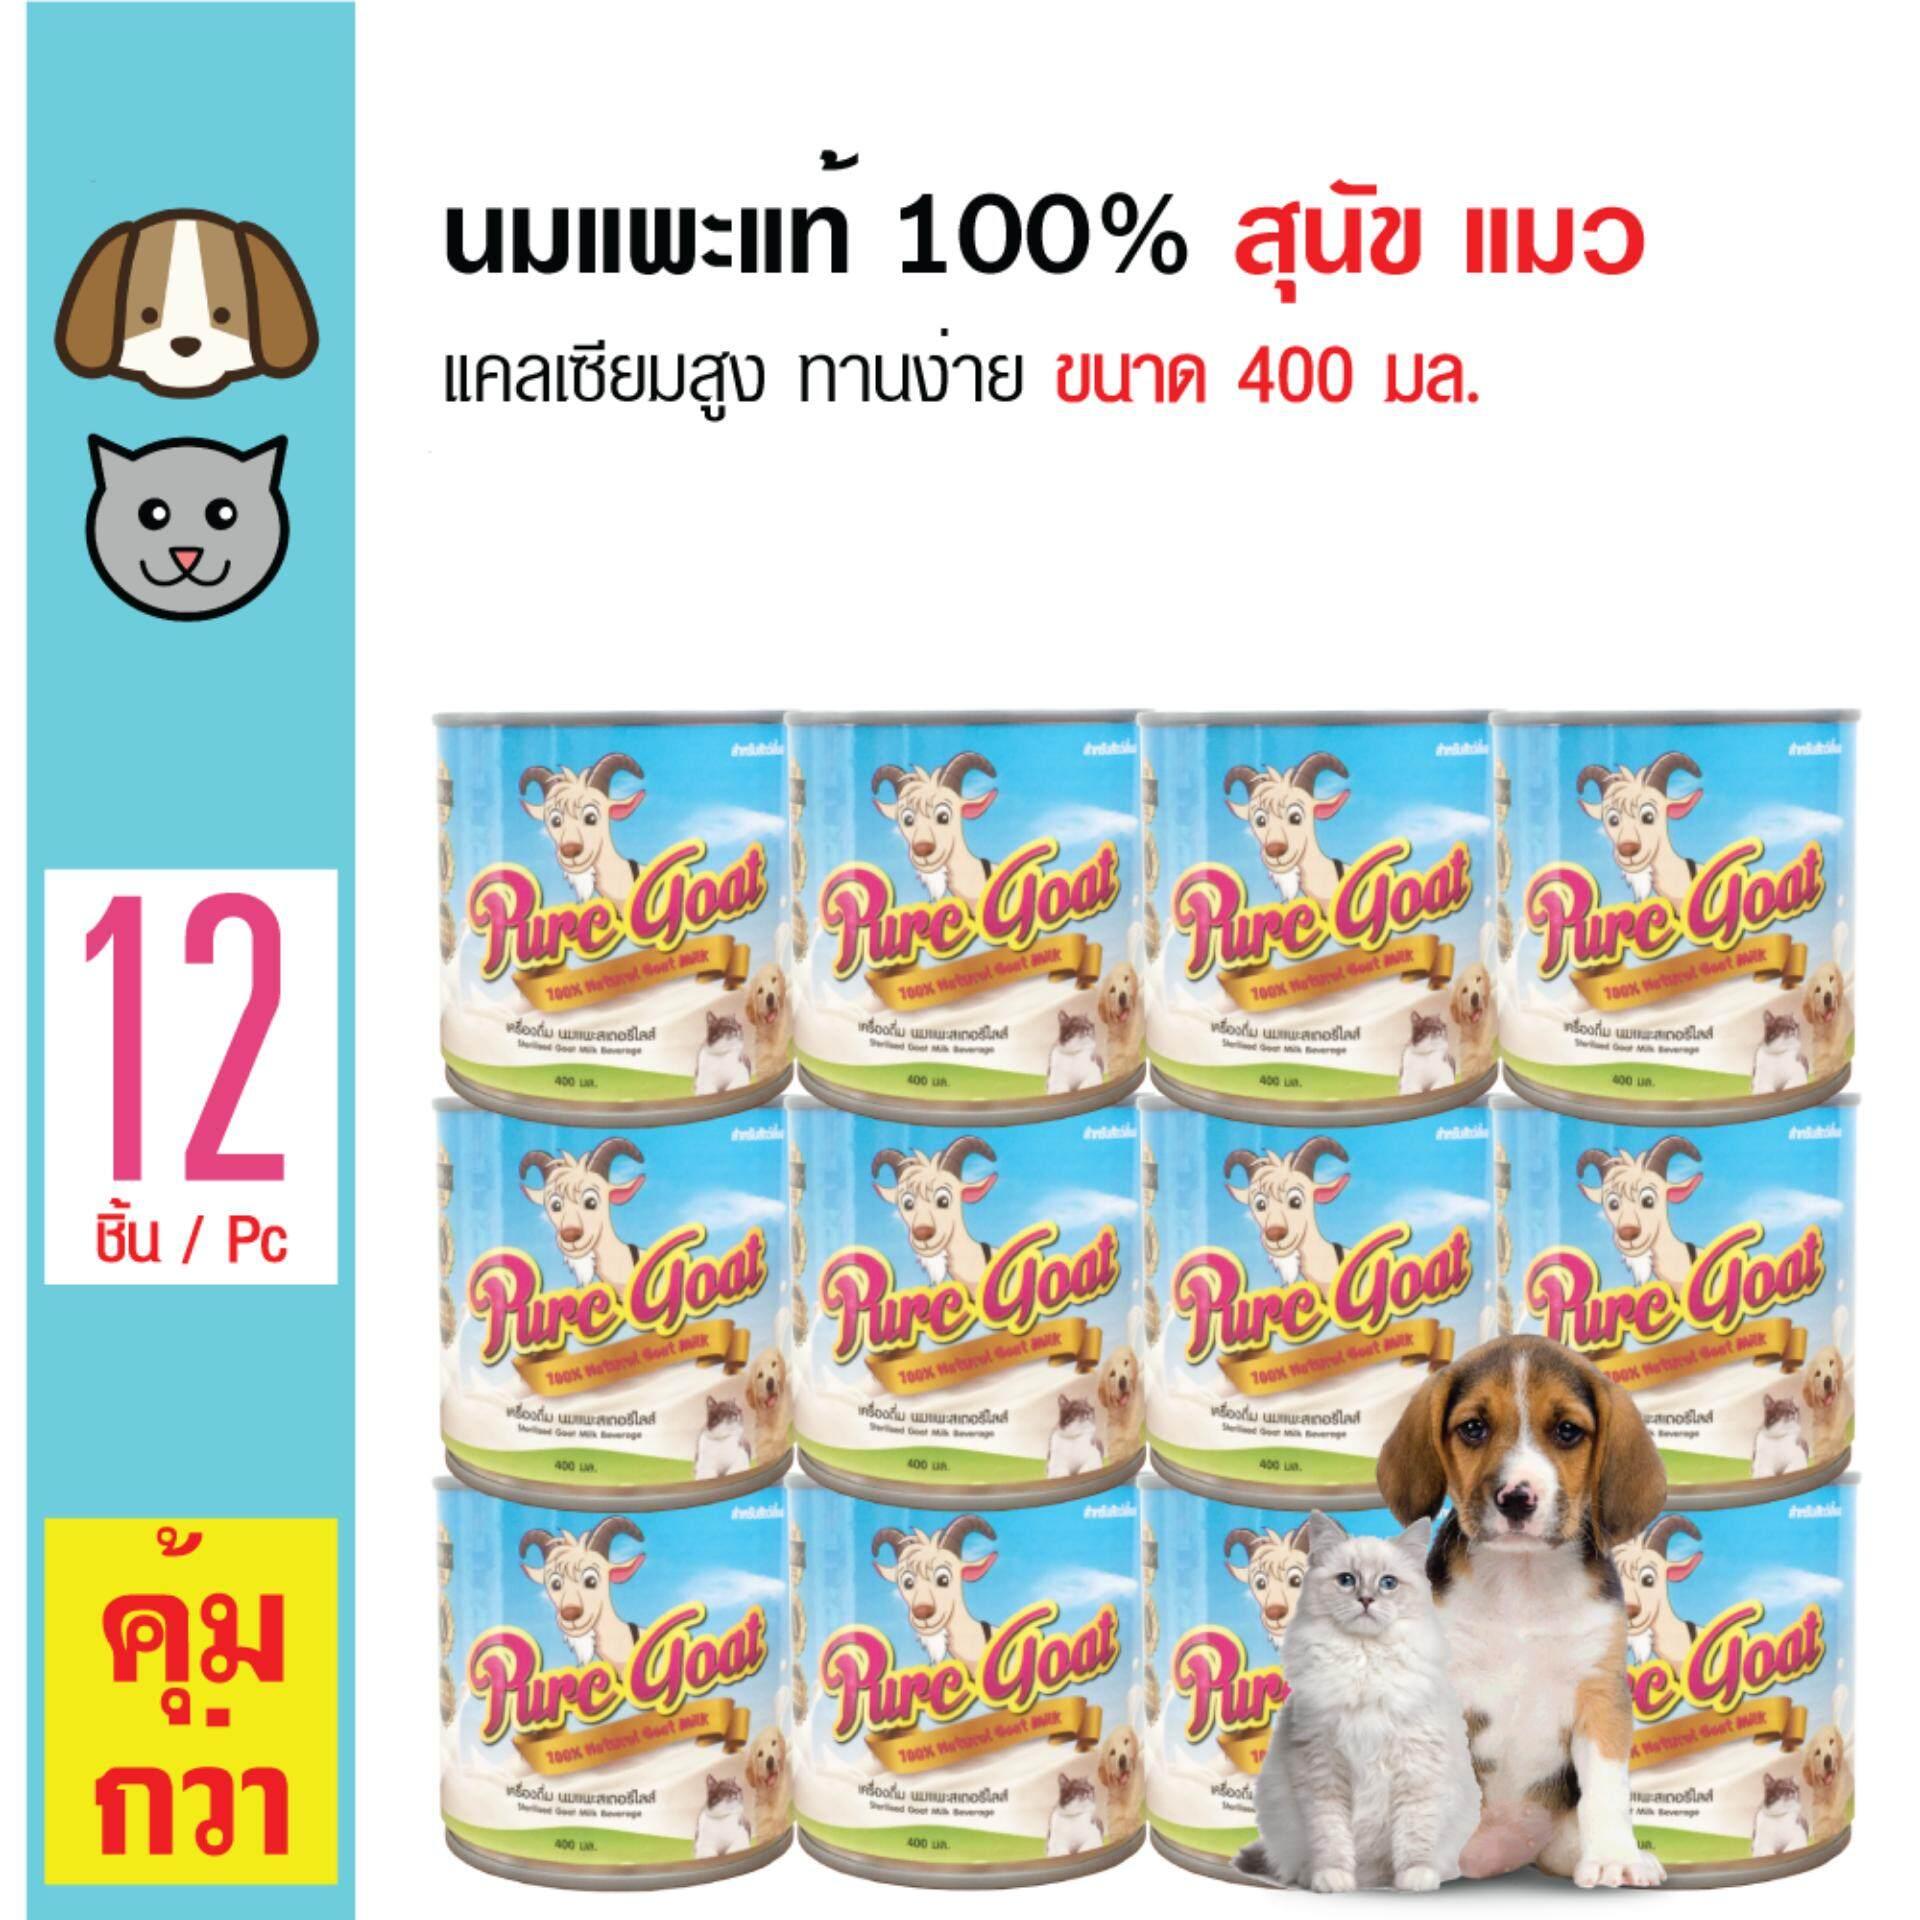 ราคา Pure Goat นมแพะแท้ 100 เสริมแคลเซียม ทานง่าย สำหรับสุนัขและแมว ขนาด 400 มล X 12 กระป๋อง ราคาถูกที่สุด